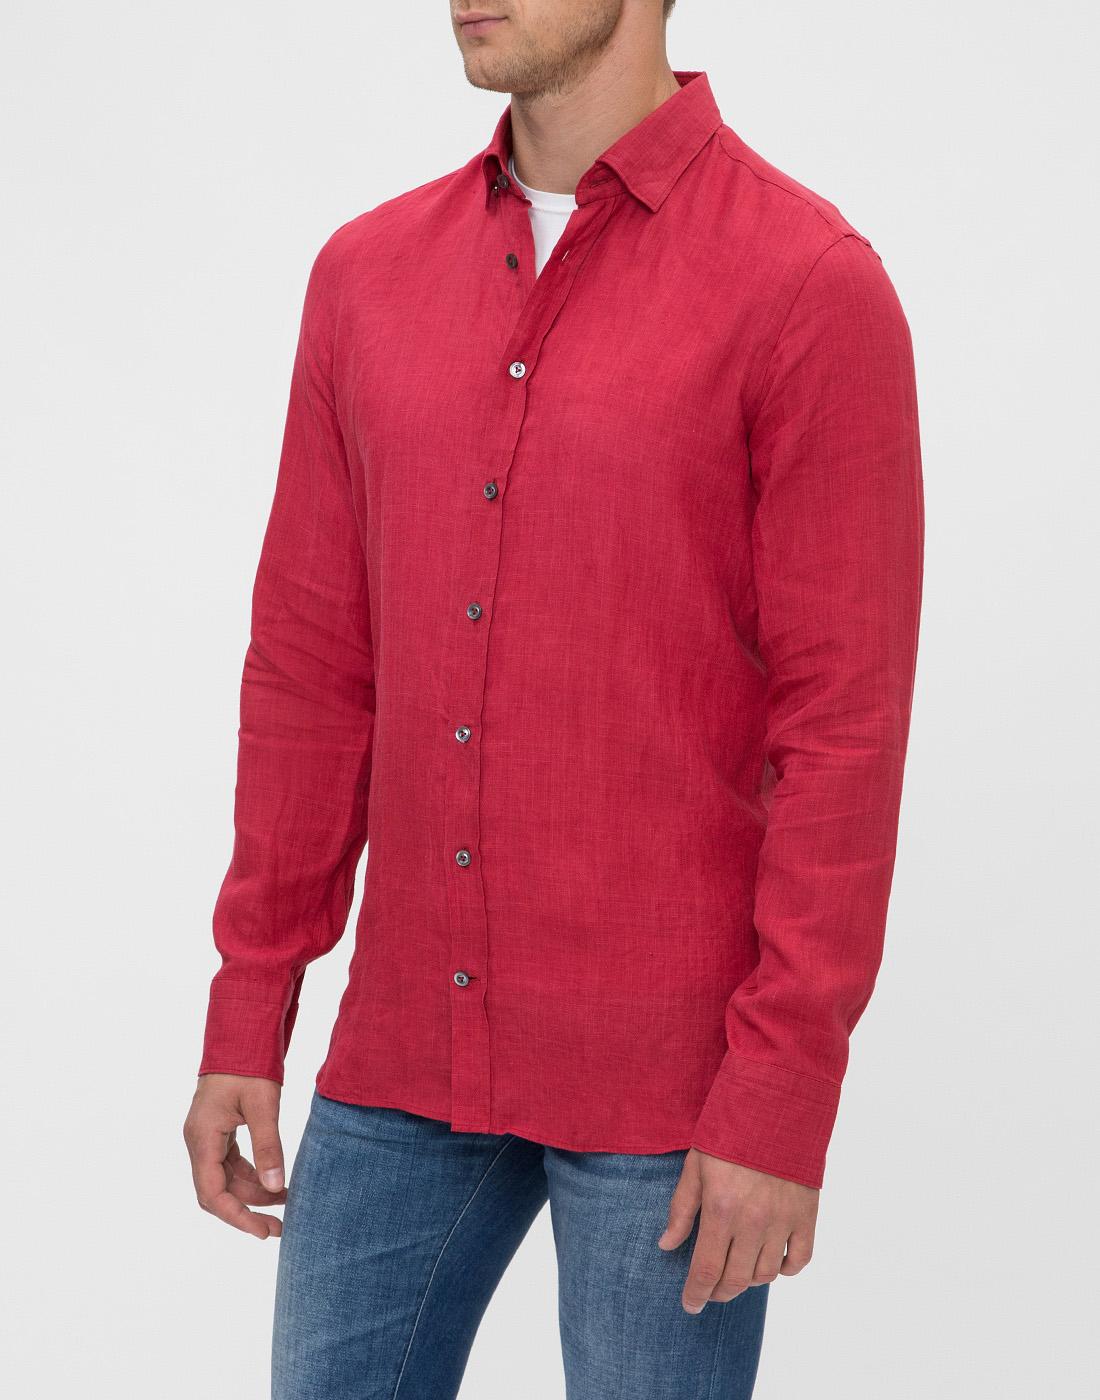 Мужская красная рубашка Van Laack S155315/570-3